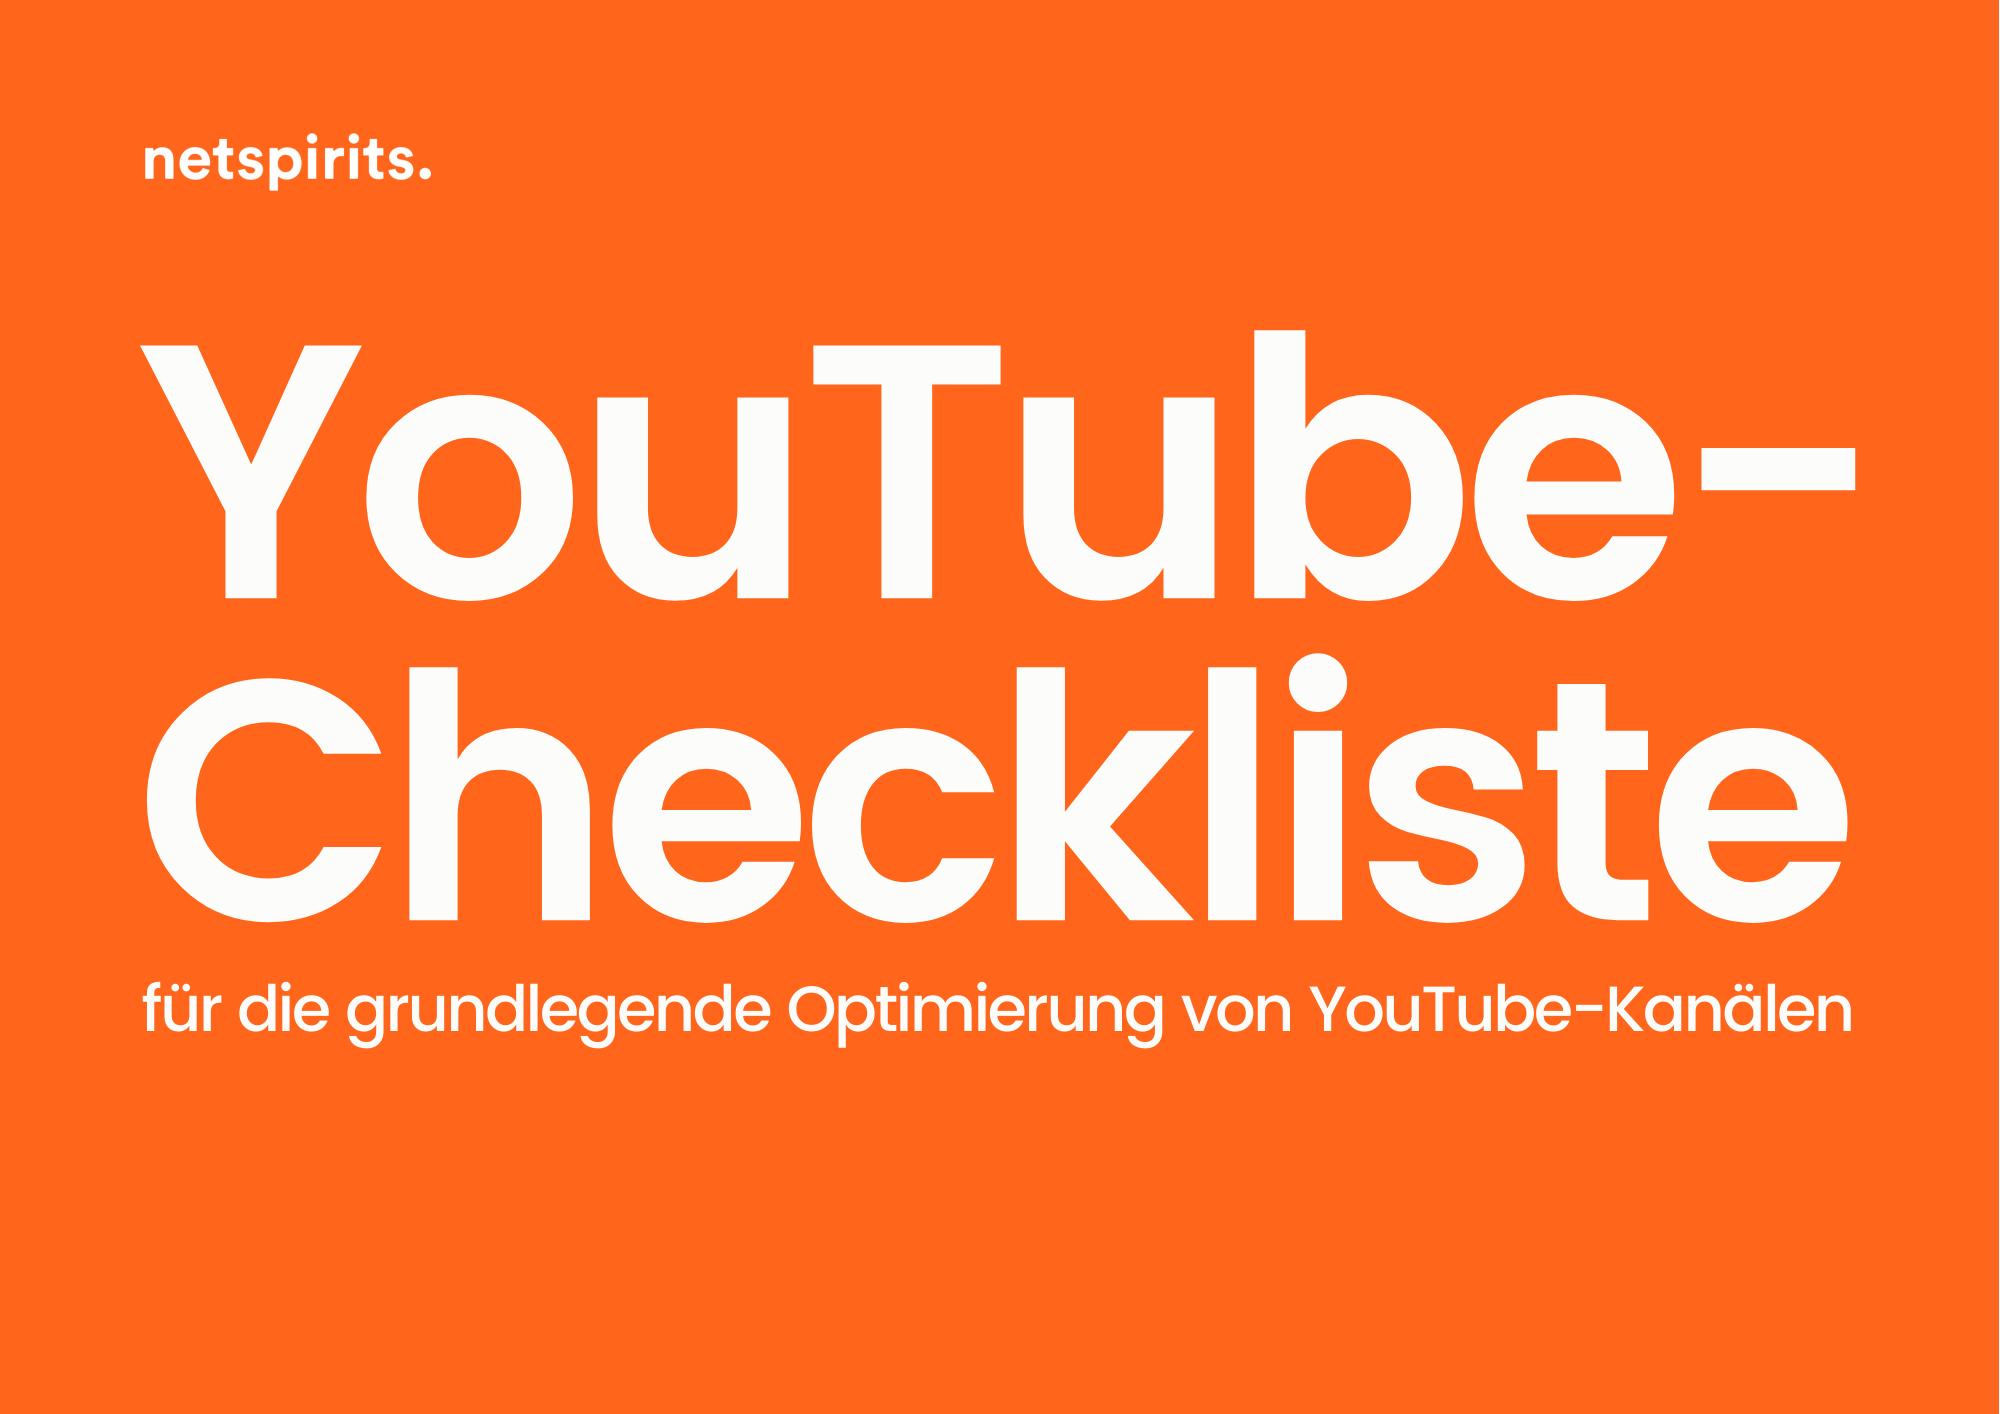 Checkliste für die YouTube-Kanalanalyse